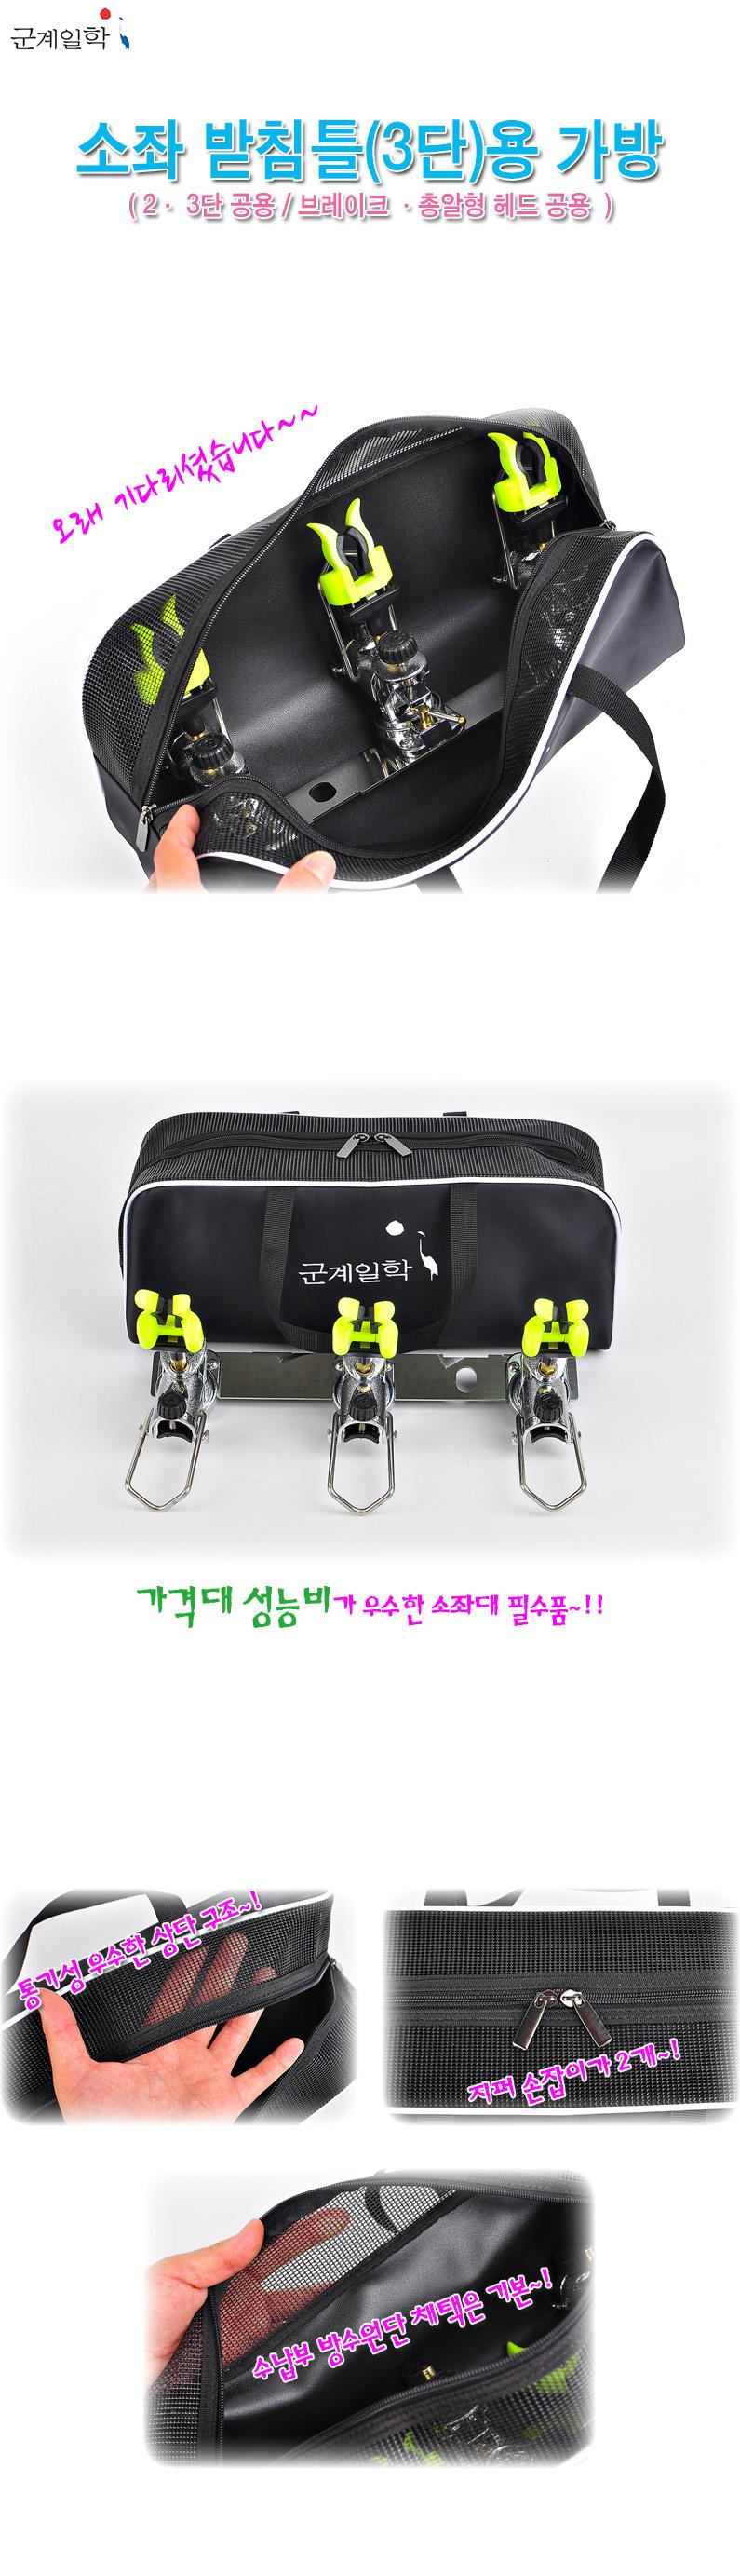 소좌 받침틀(3단)용 가방 - 상세1.jpg